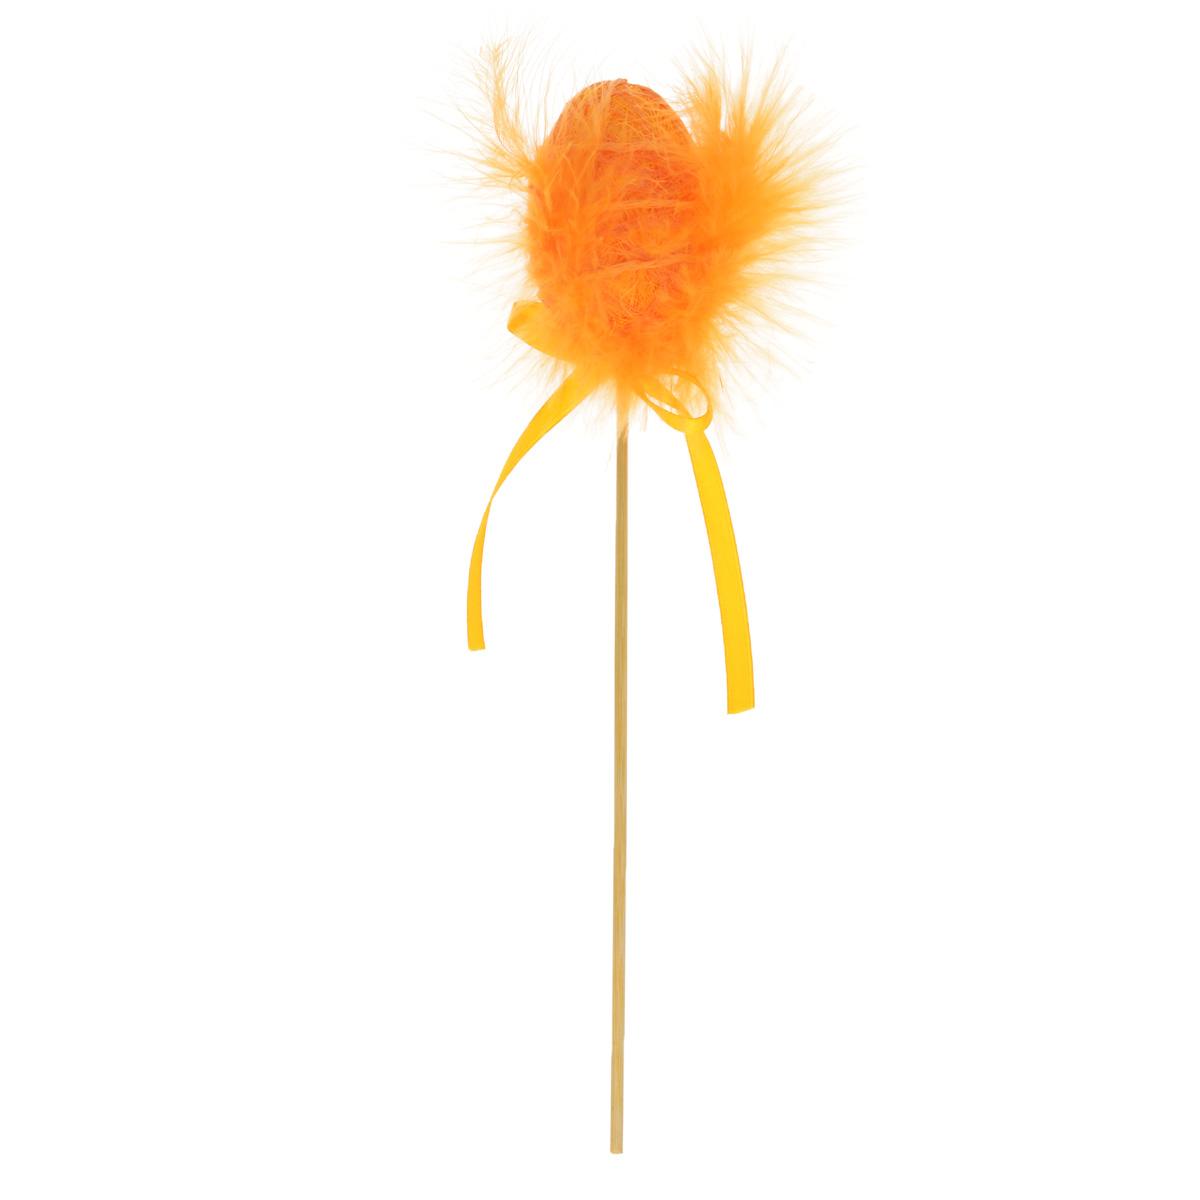 Декоративное пасхальное украшение на ножке Home Queen Яйцо с пухом. Разноцвет, цвет: оранжевый, высота 25 смC0038550Декоративное украшение Home Queen Яйцо с пухом. Разноцвет выполнено из полиэстера в виде пасхального яйца на деревянной ножке, декорированного перьями. Изделие украшено текстильной лентой. Такое украшение прекрасно дополнит подарок для друзей или близких на Пасху. Высота: 25 см. Размер яйца: 6 см х 4,5 см.